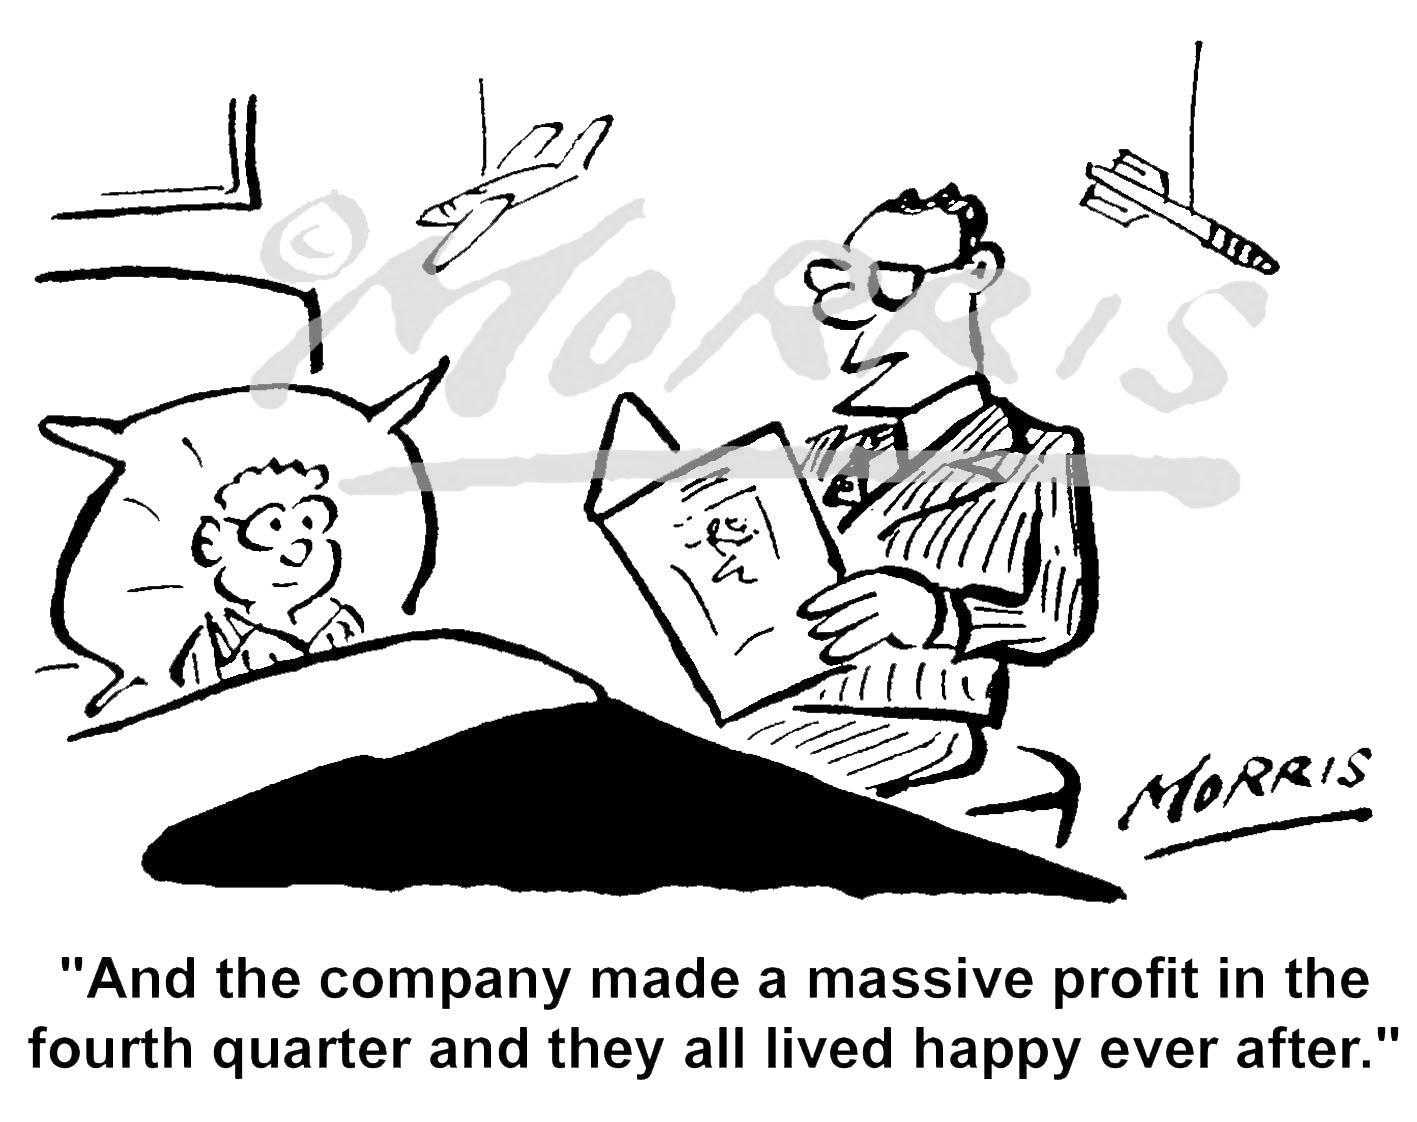 Company profits cartoon, Accountant cartoon, Auditor cartoon and Tax cartoons – Ref: 5304bw